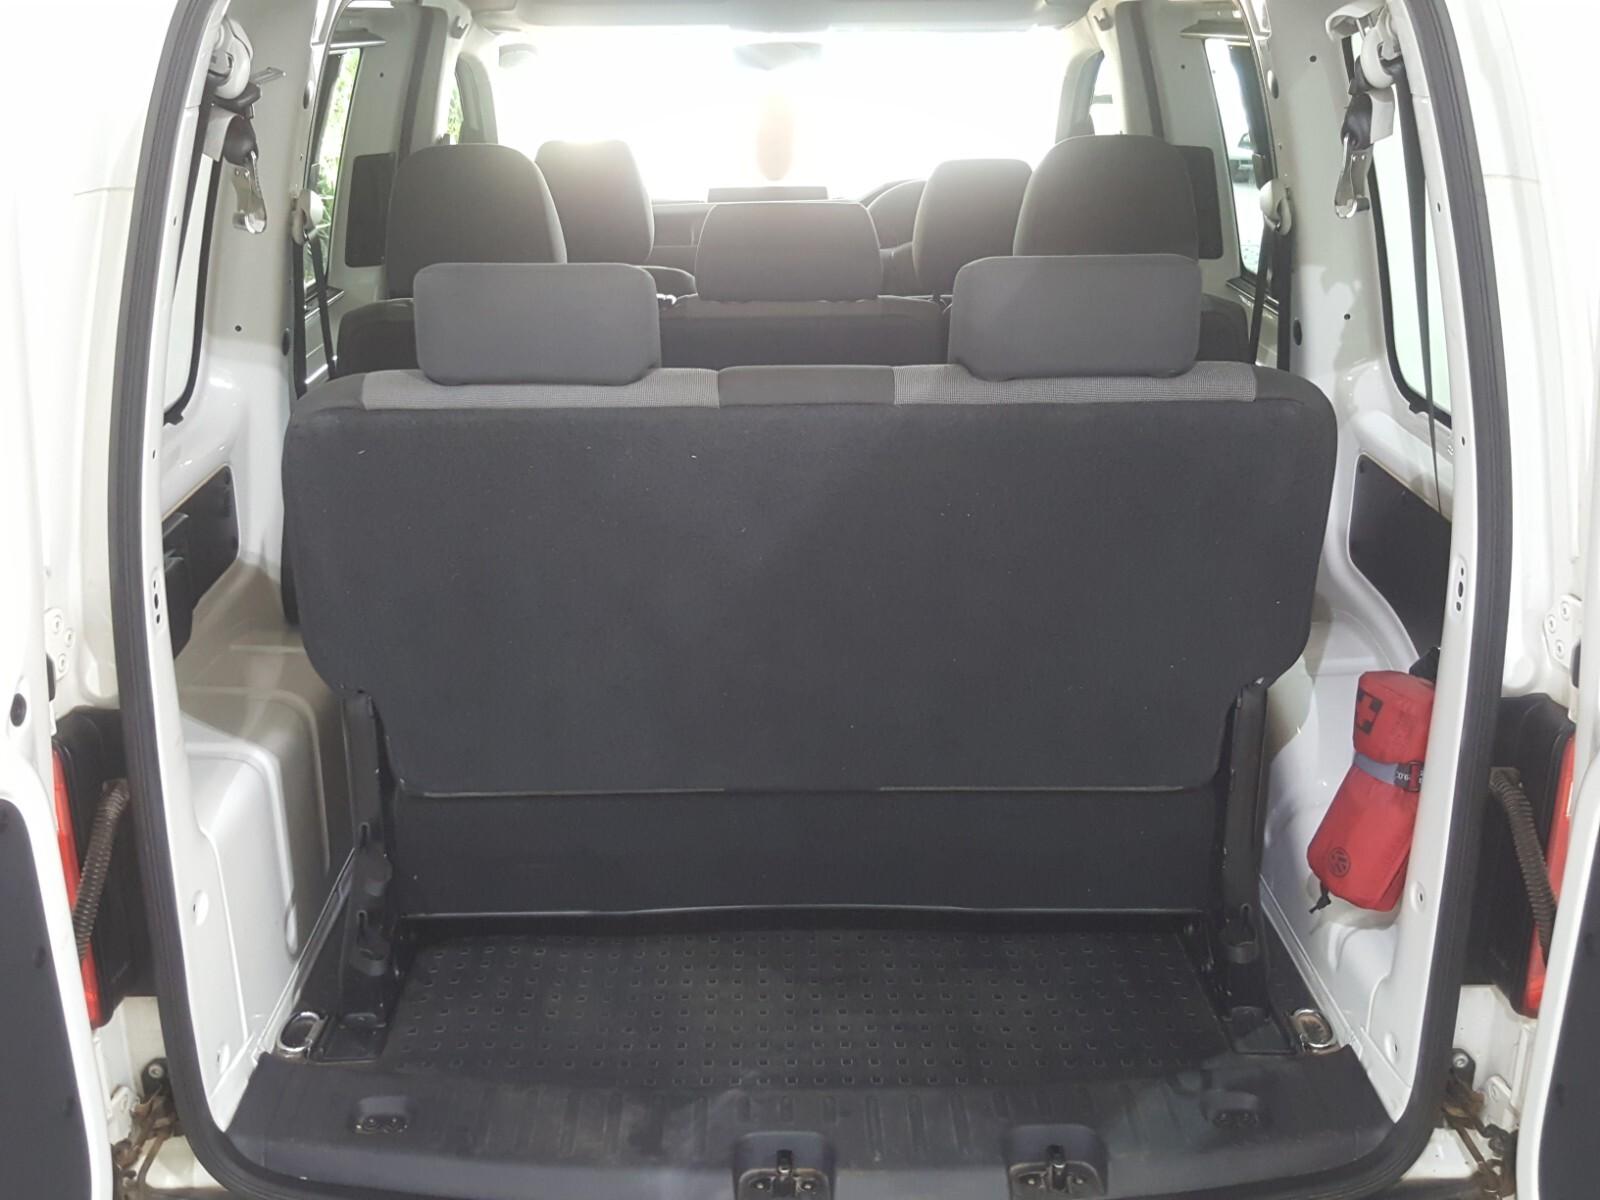 VOLKSWAGEN CREWBUS 1.6i  (7 SEAT) Roodepoort 11330266